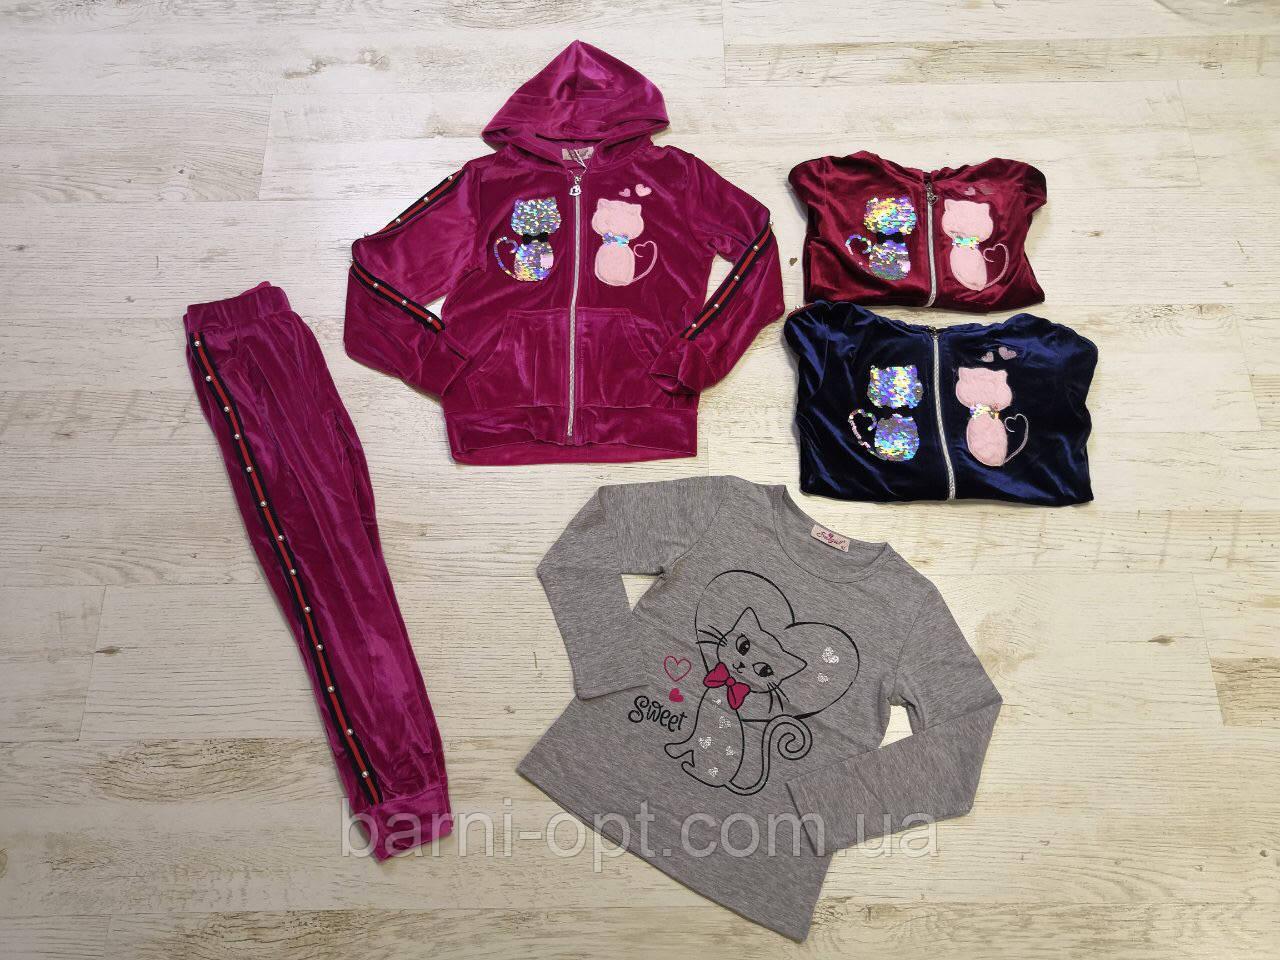 Велюровый костюм-тройка на девочку оптом, Seagull, 6-14 рр